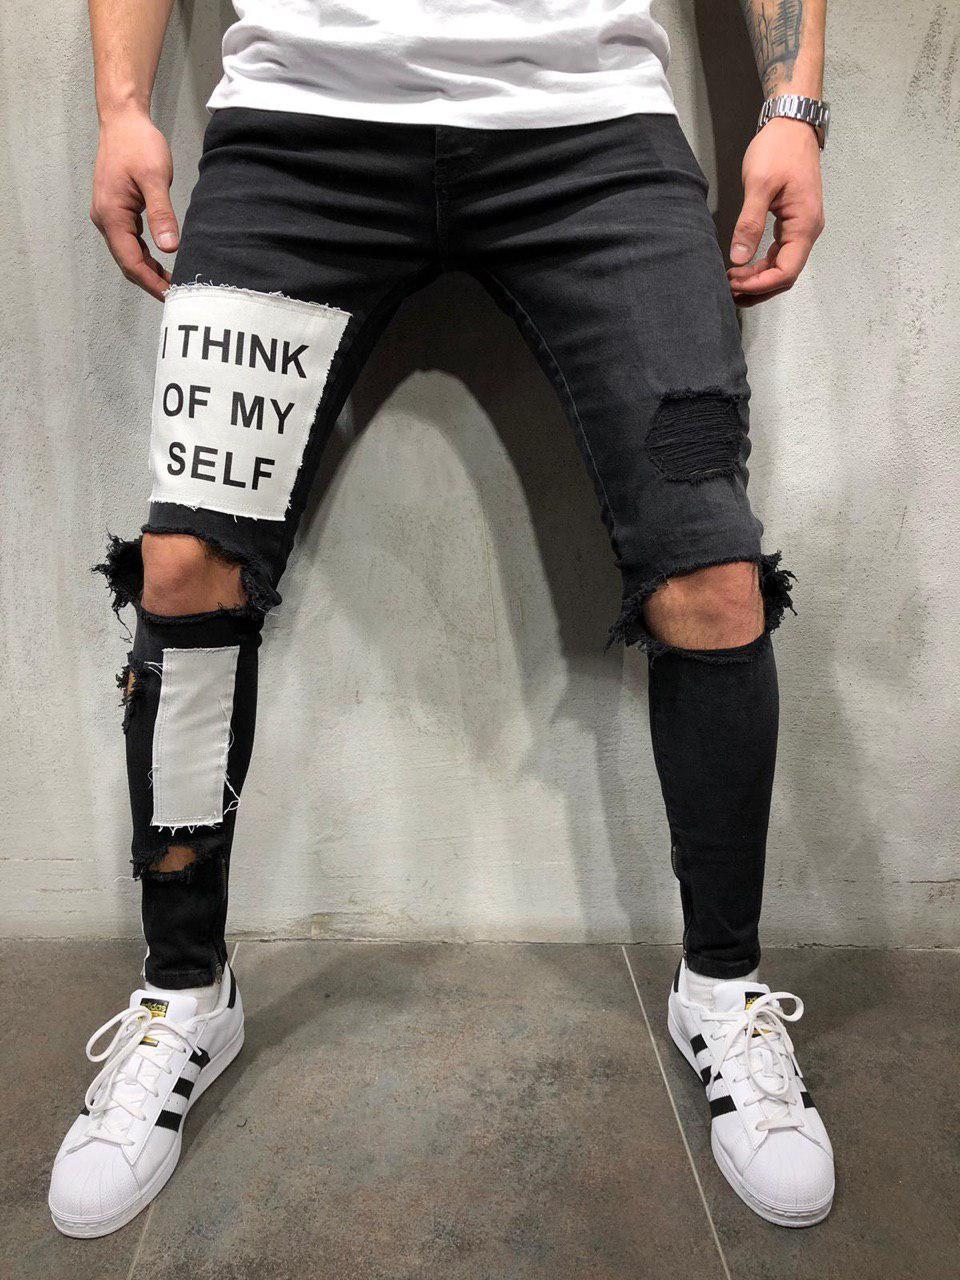 2e5068e6b8b Джинсы мужские черные рваные зауженные весна лето осень ТОП КАЧЕСТВО модные  джинсы с принтом - Магазин